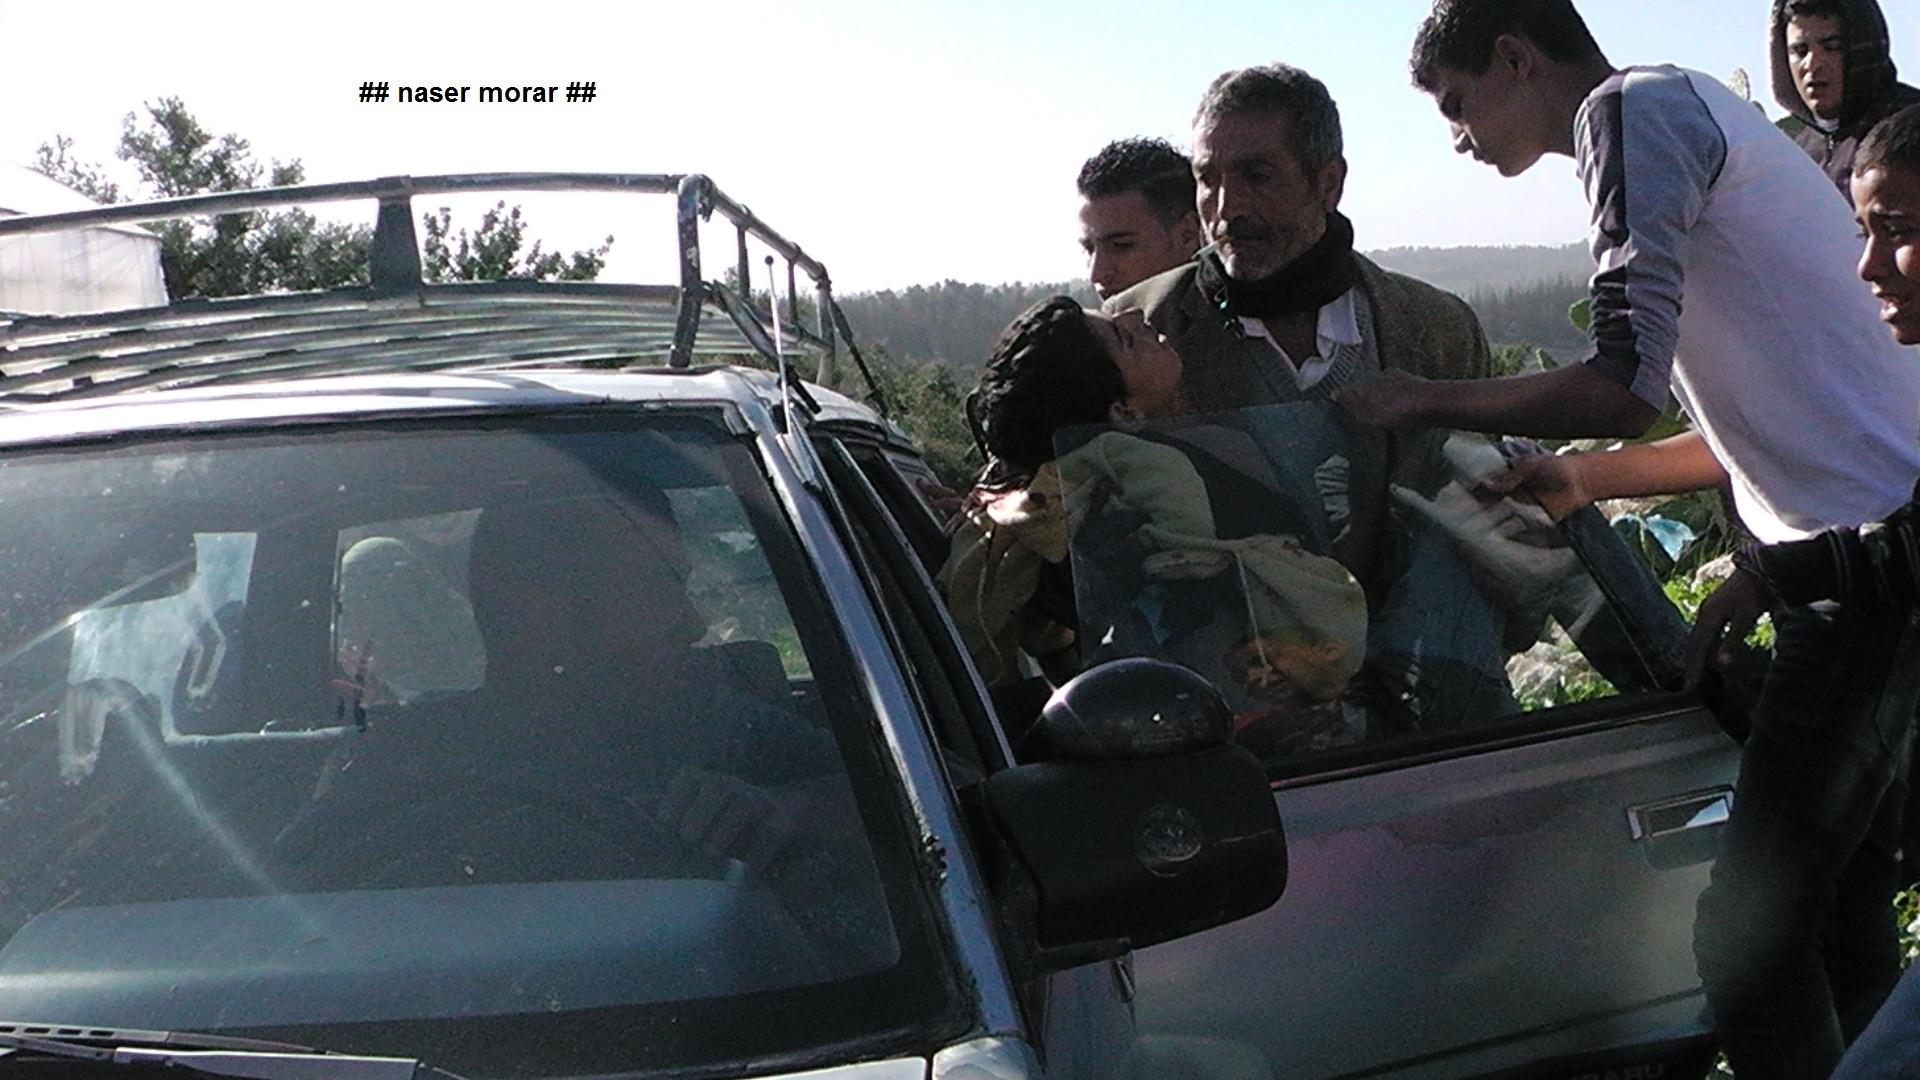 הנער סמיר עווד מפונה לאחר שנורה בגבו על ידי חיילים, בודרוס (נאסר מוראר, בצלם)